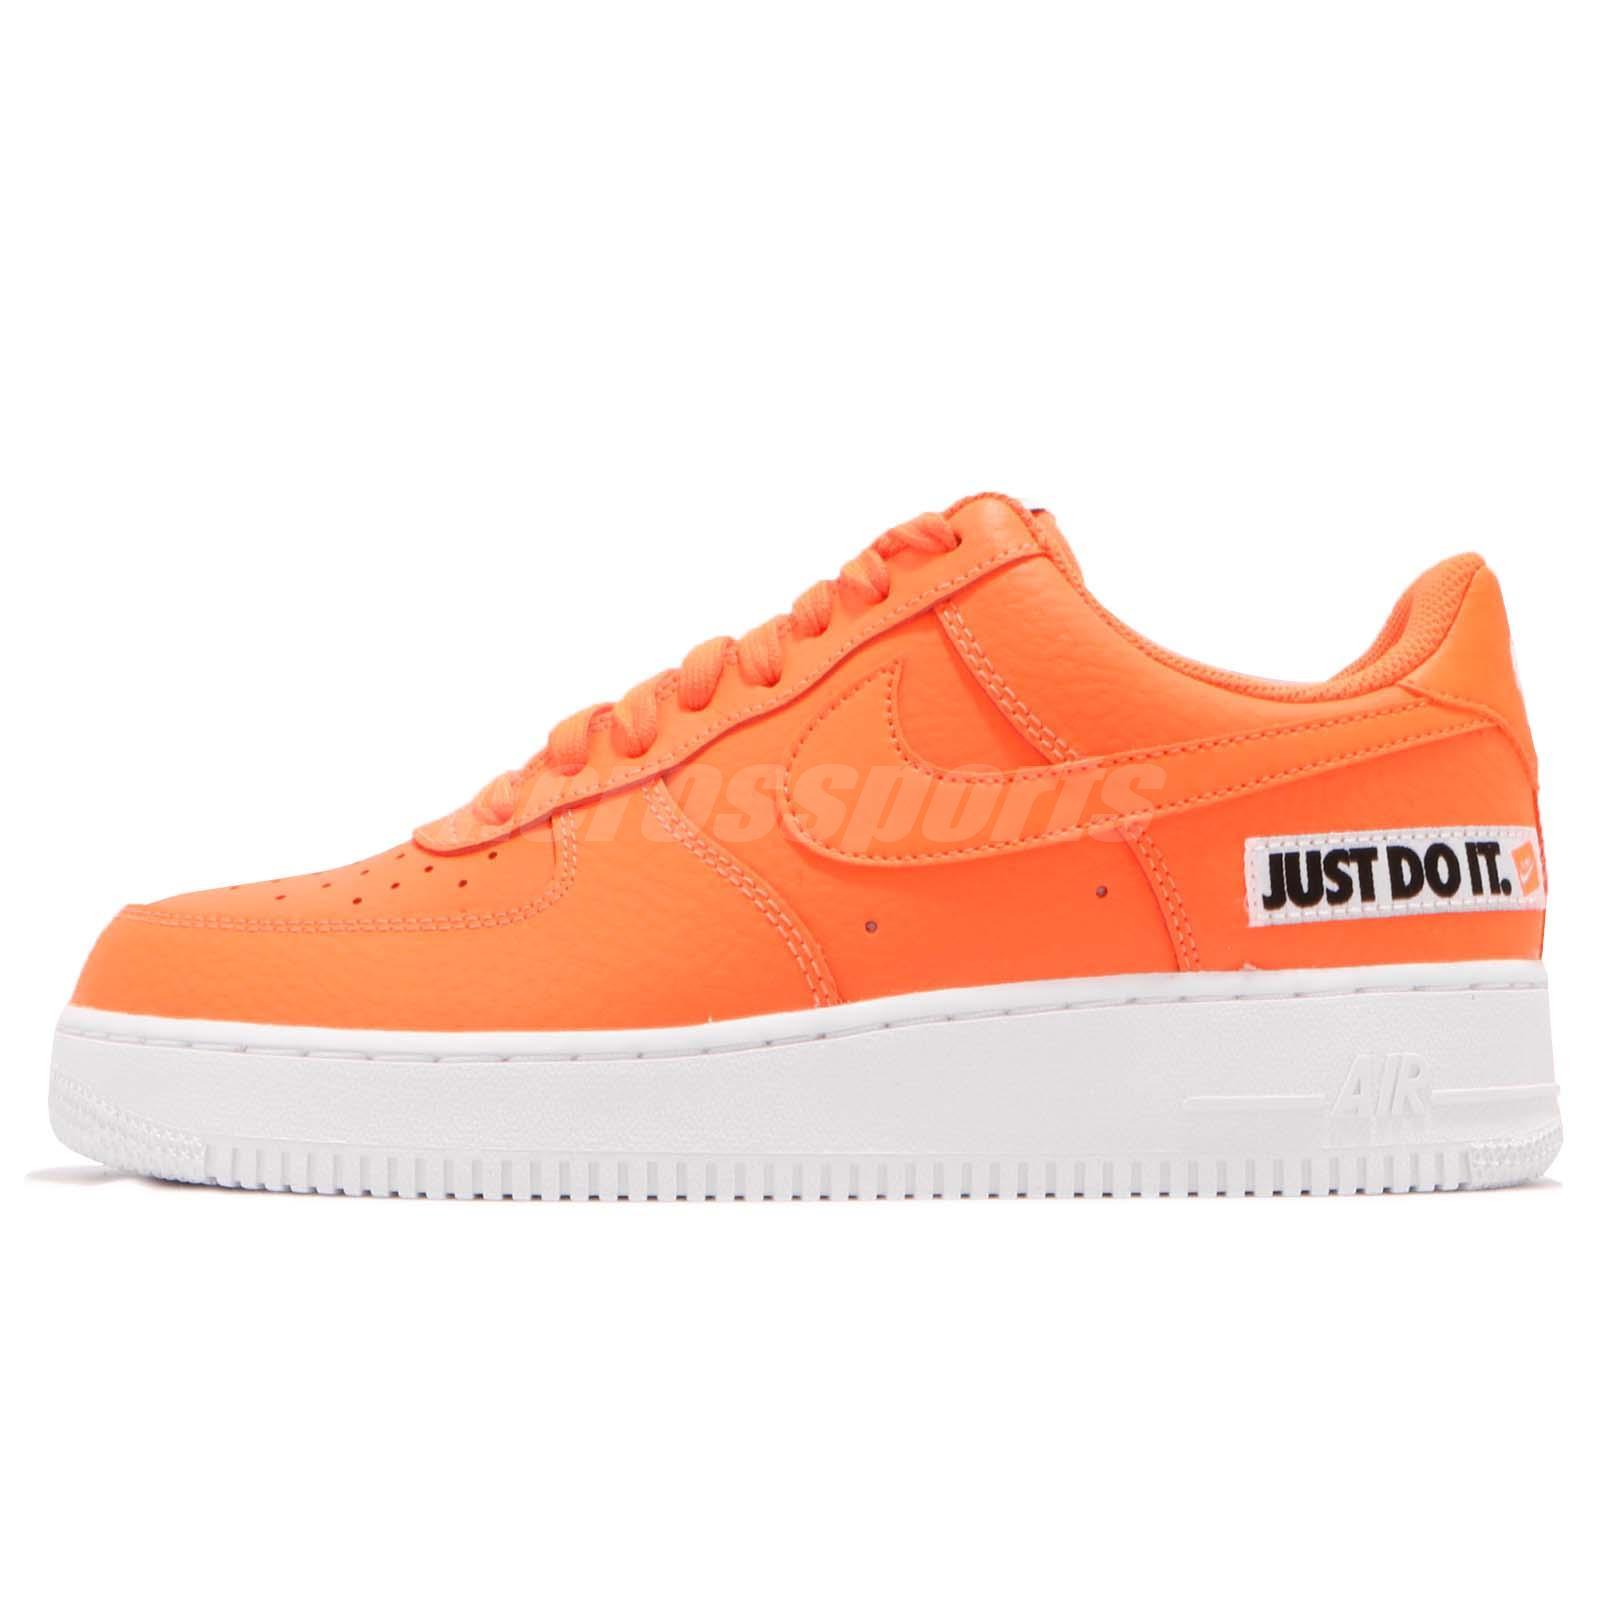 8b88bb03f092 Nike Air Force 1 07 LV8 JDI LTHR Just Do It Leather Orange Sneakers  BQ5360-800